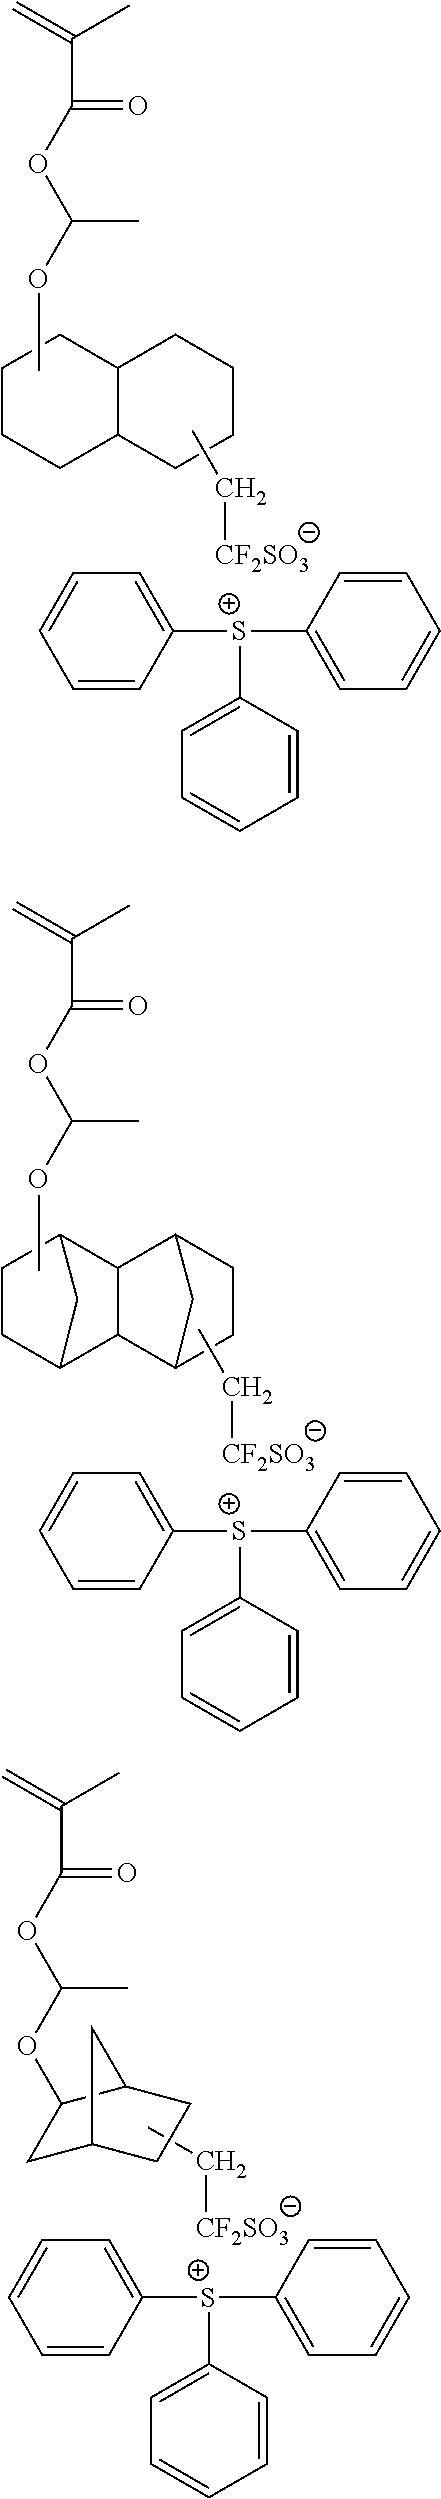 Figure US20110269074A1-20111103-C00006